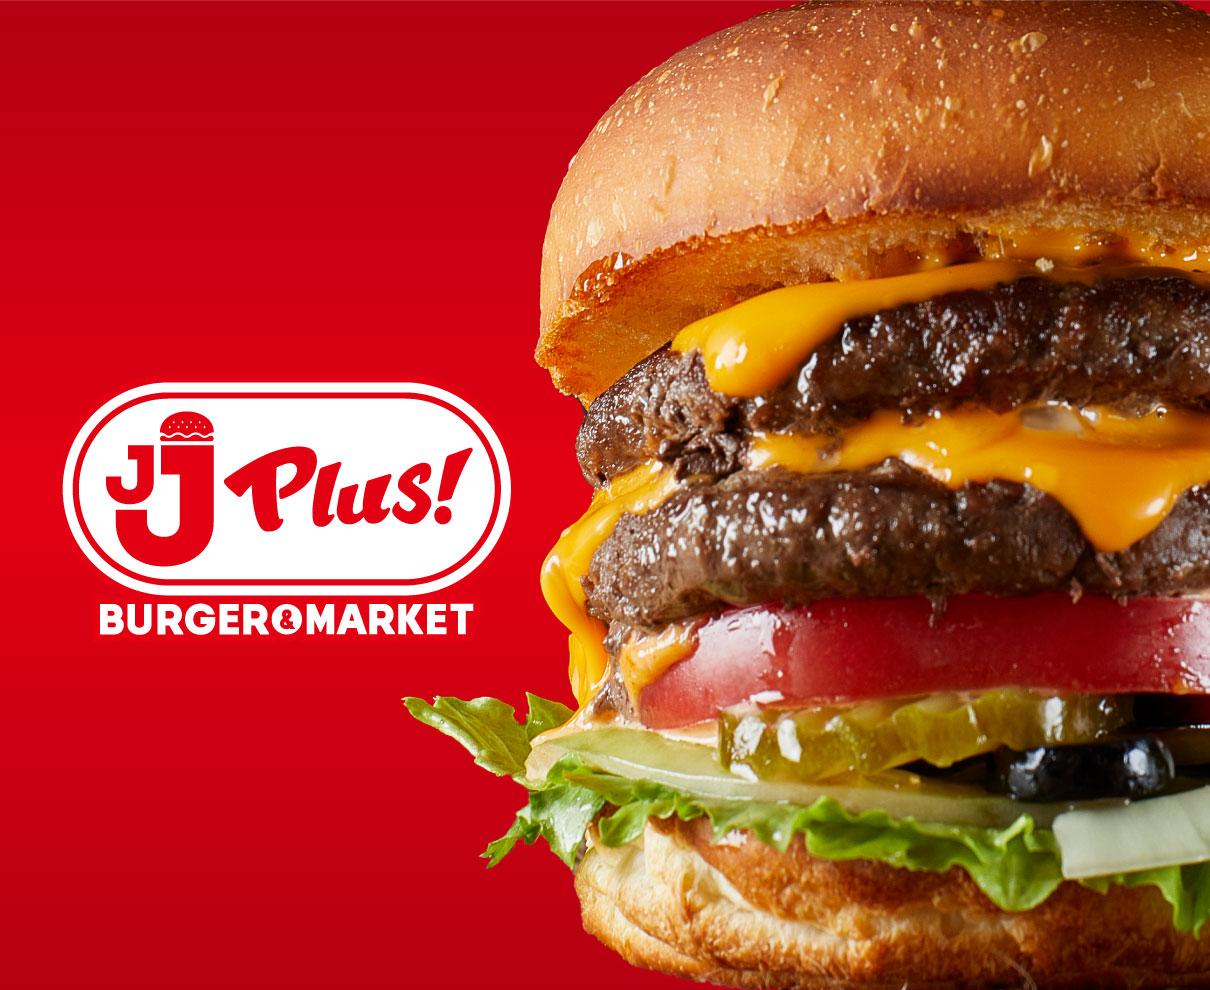 あの絶品バーガーが単独店舗に!でも、それだけじゃないのが『JJplus』!|JJplus